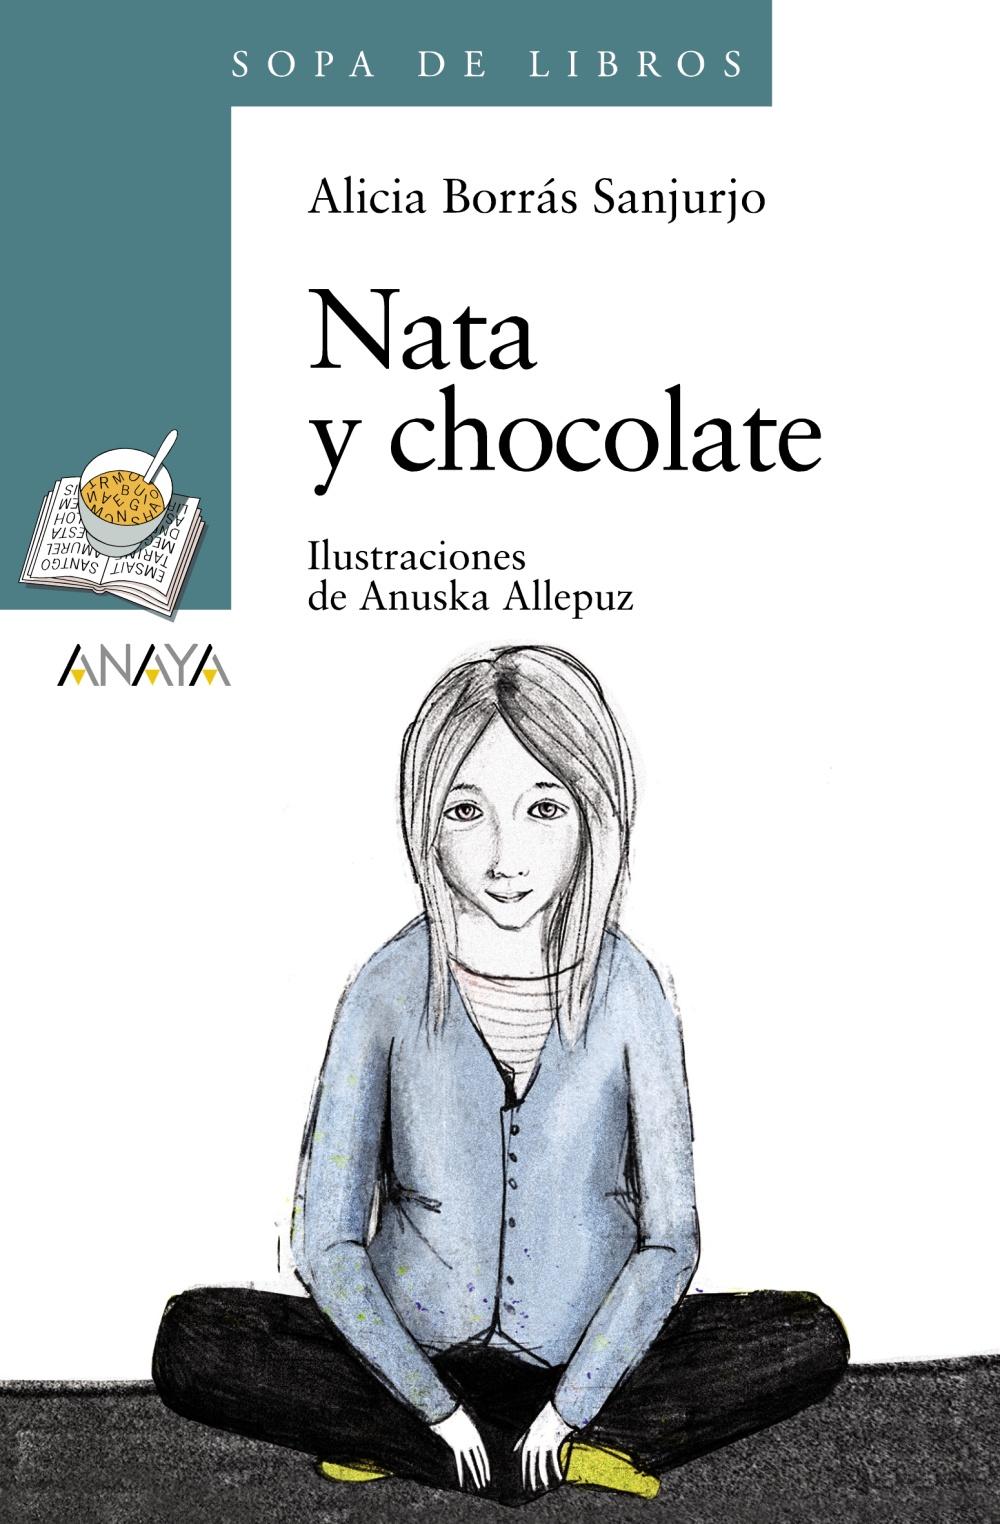 Resultado de imagen de Anuska Allepuz nata y chocolate